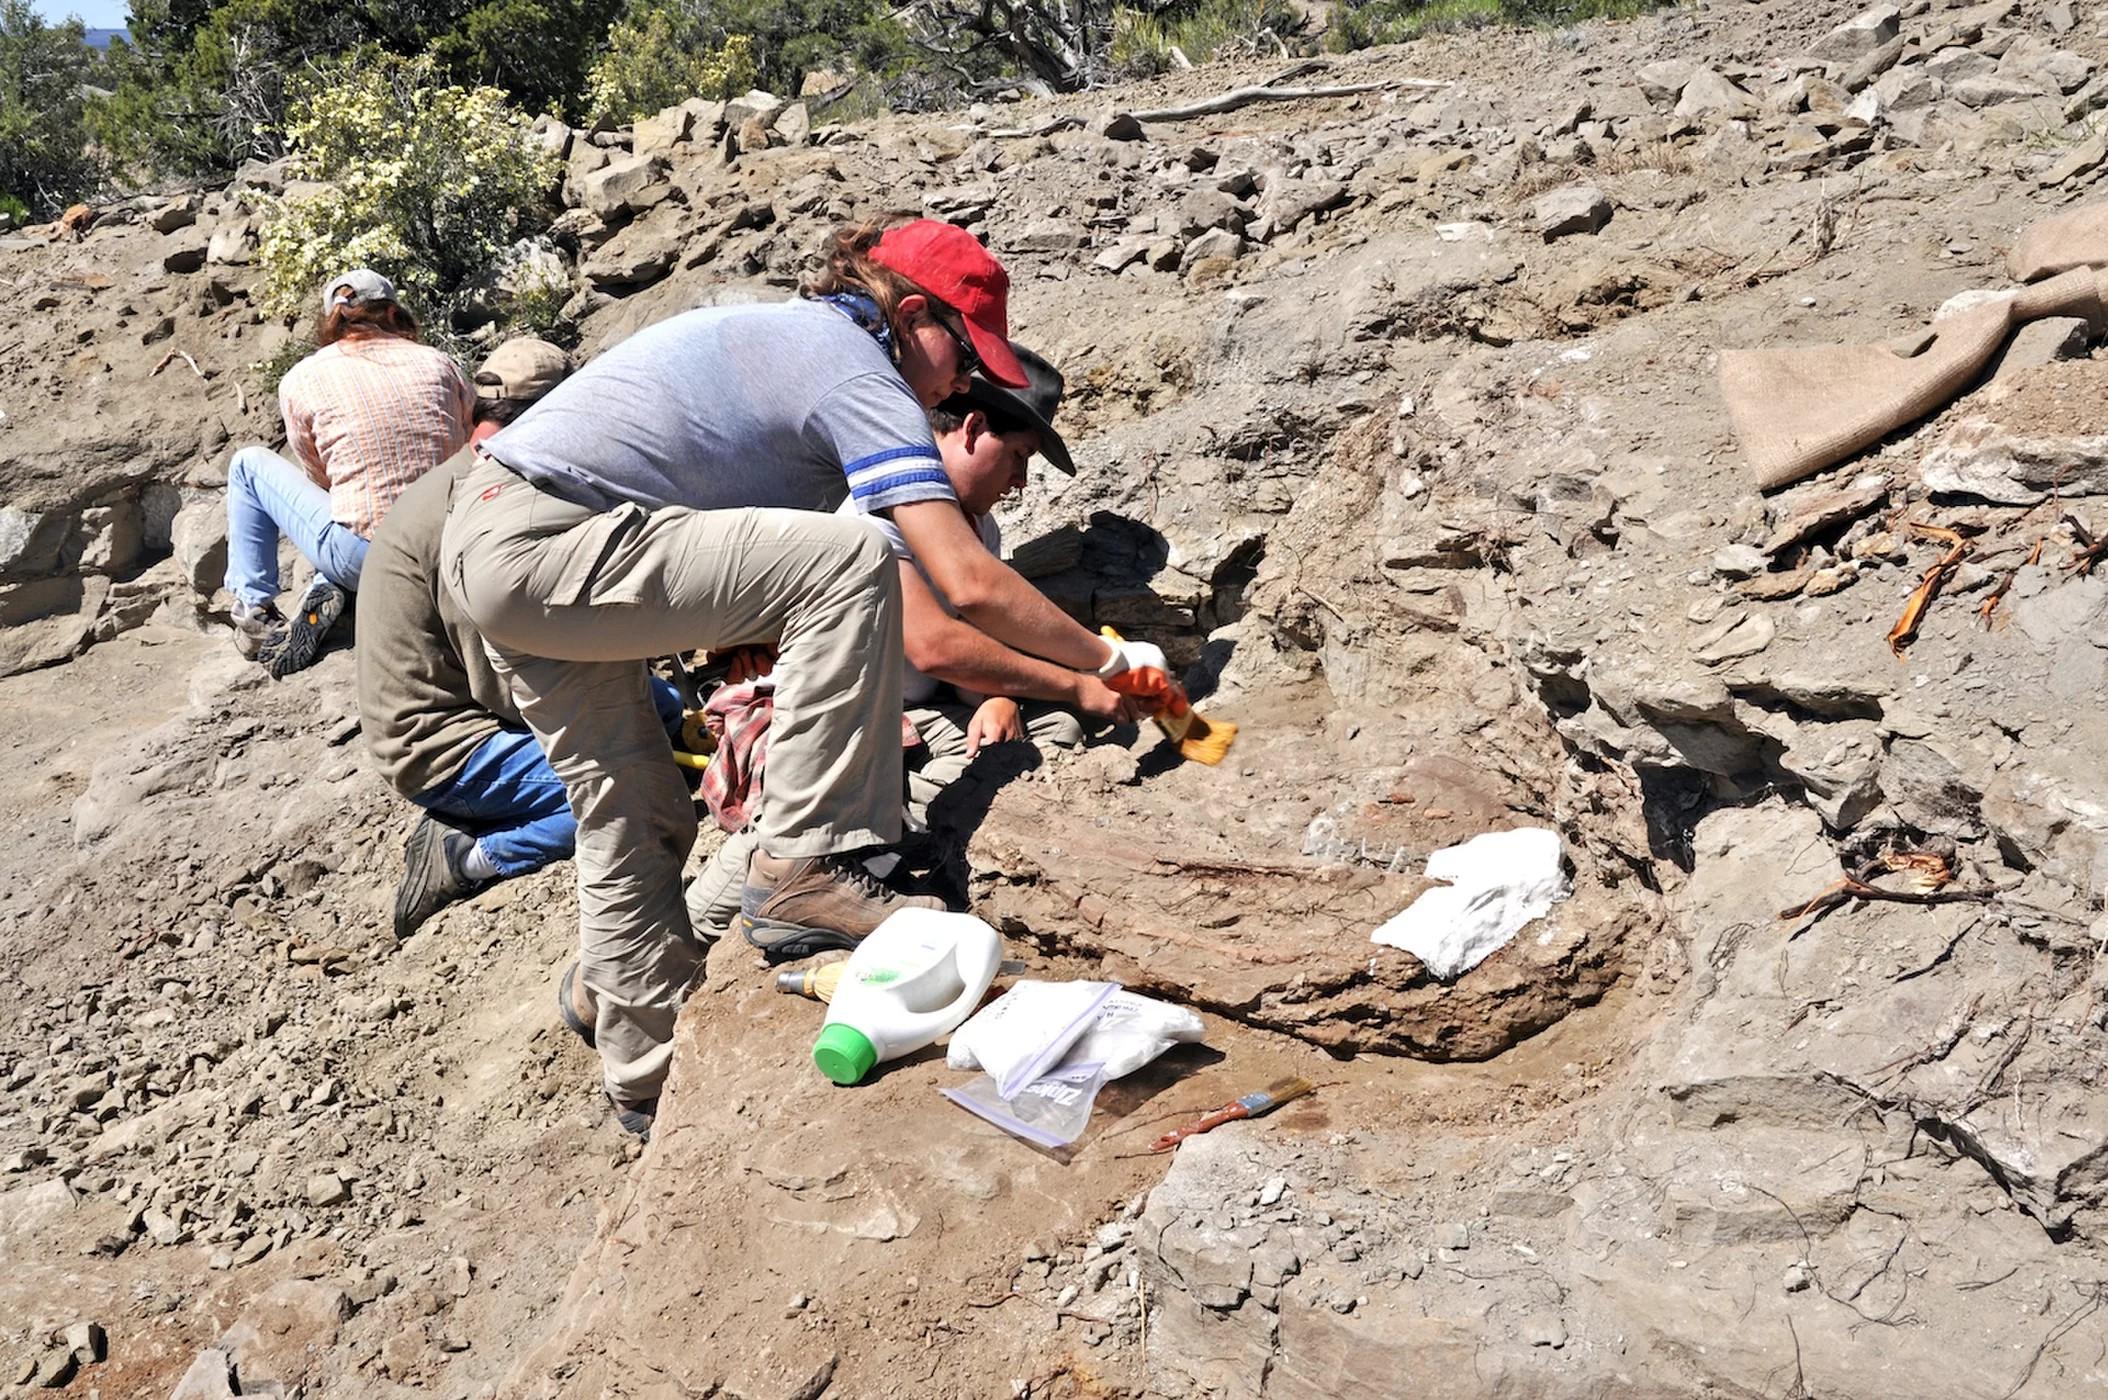 Escavação do fóssil do Akainacephalus johnsoni em Utah, nos Estados Unidos (Foto: Randall Irmis/ NHMU)